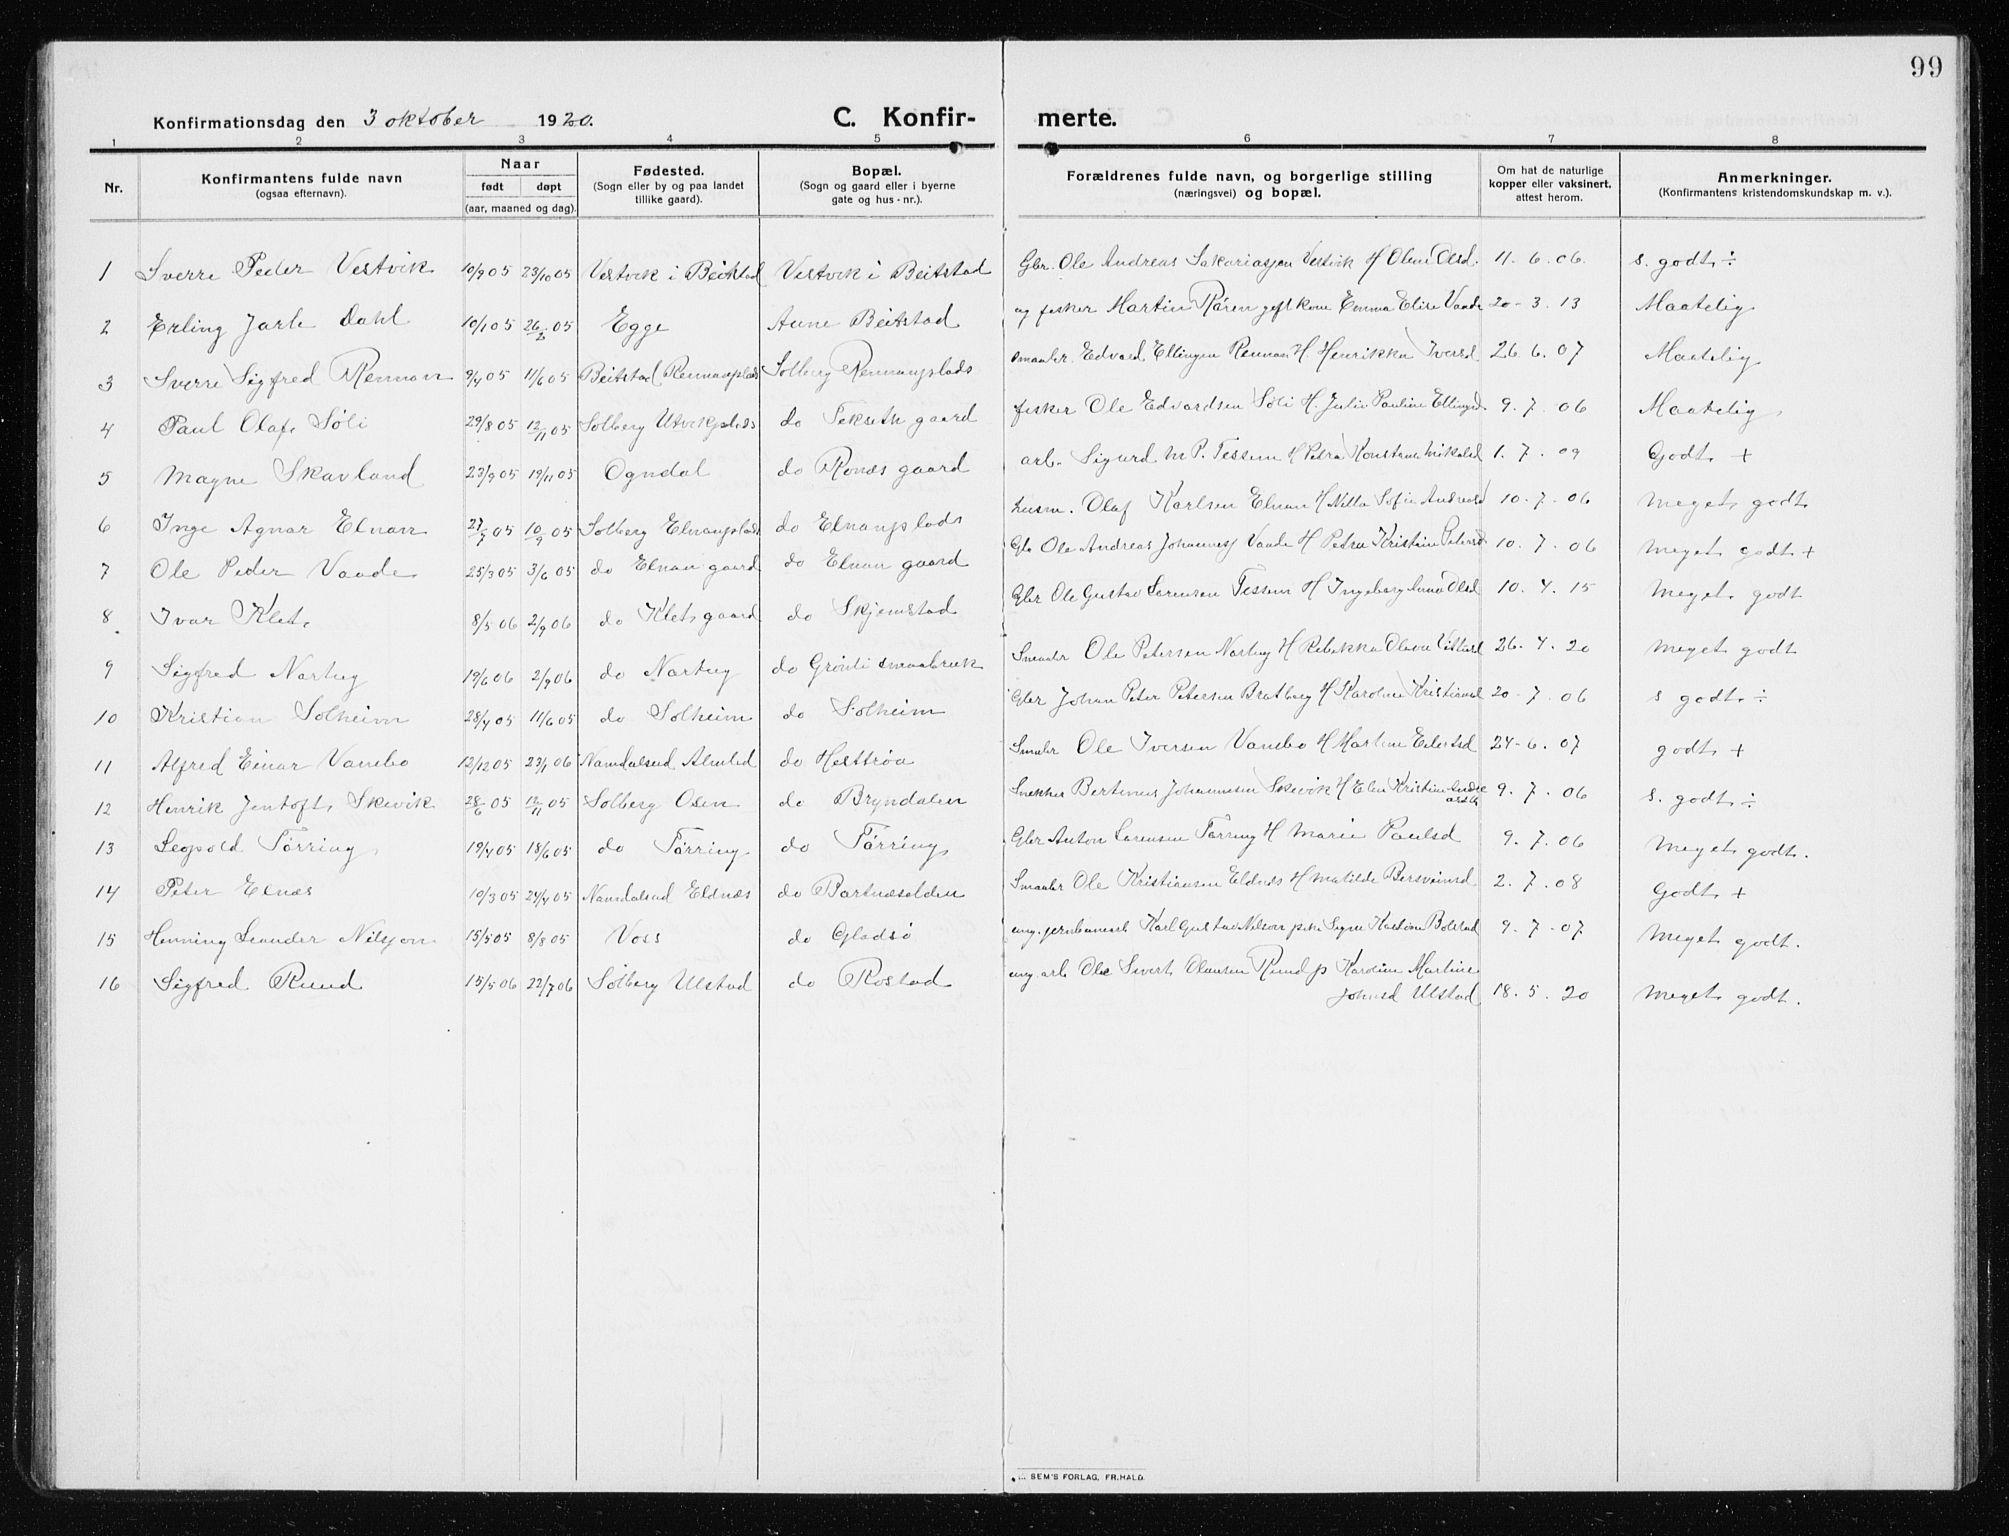 SAT, Ministerialprotokoller, klokkerbøker og fødselsregistre - Nord-Trøndelag, 741/L0402: Klokkerbok nr. 741C03, 1911-1926, s. 99